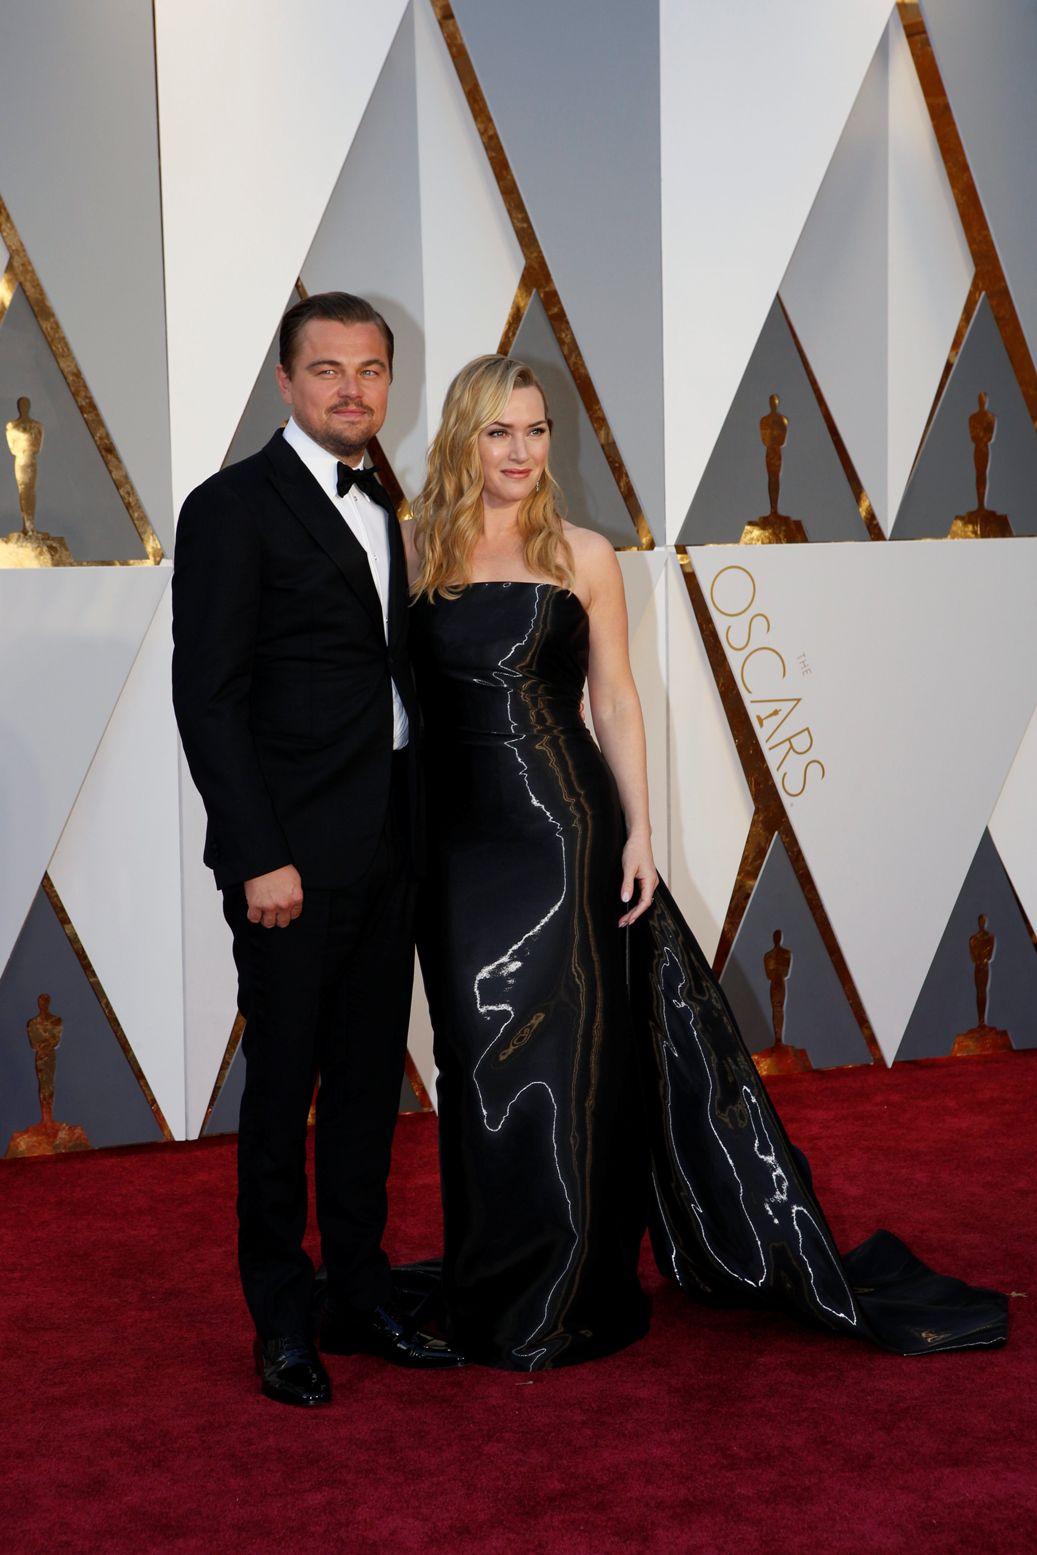 Оскар-2016: Победители, красная дорожка и долгожданная статуэтка для Леонардо ДиКаприо